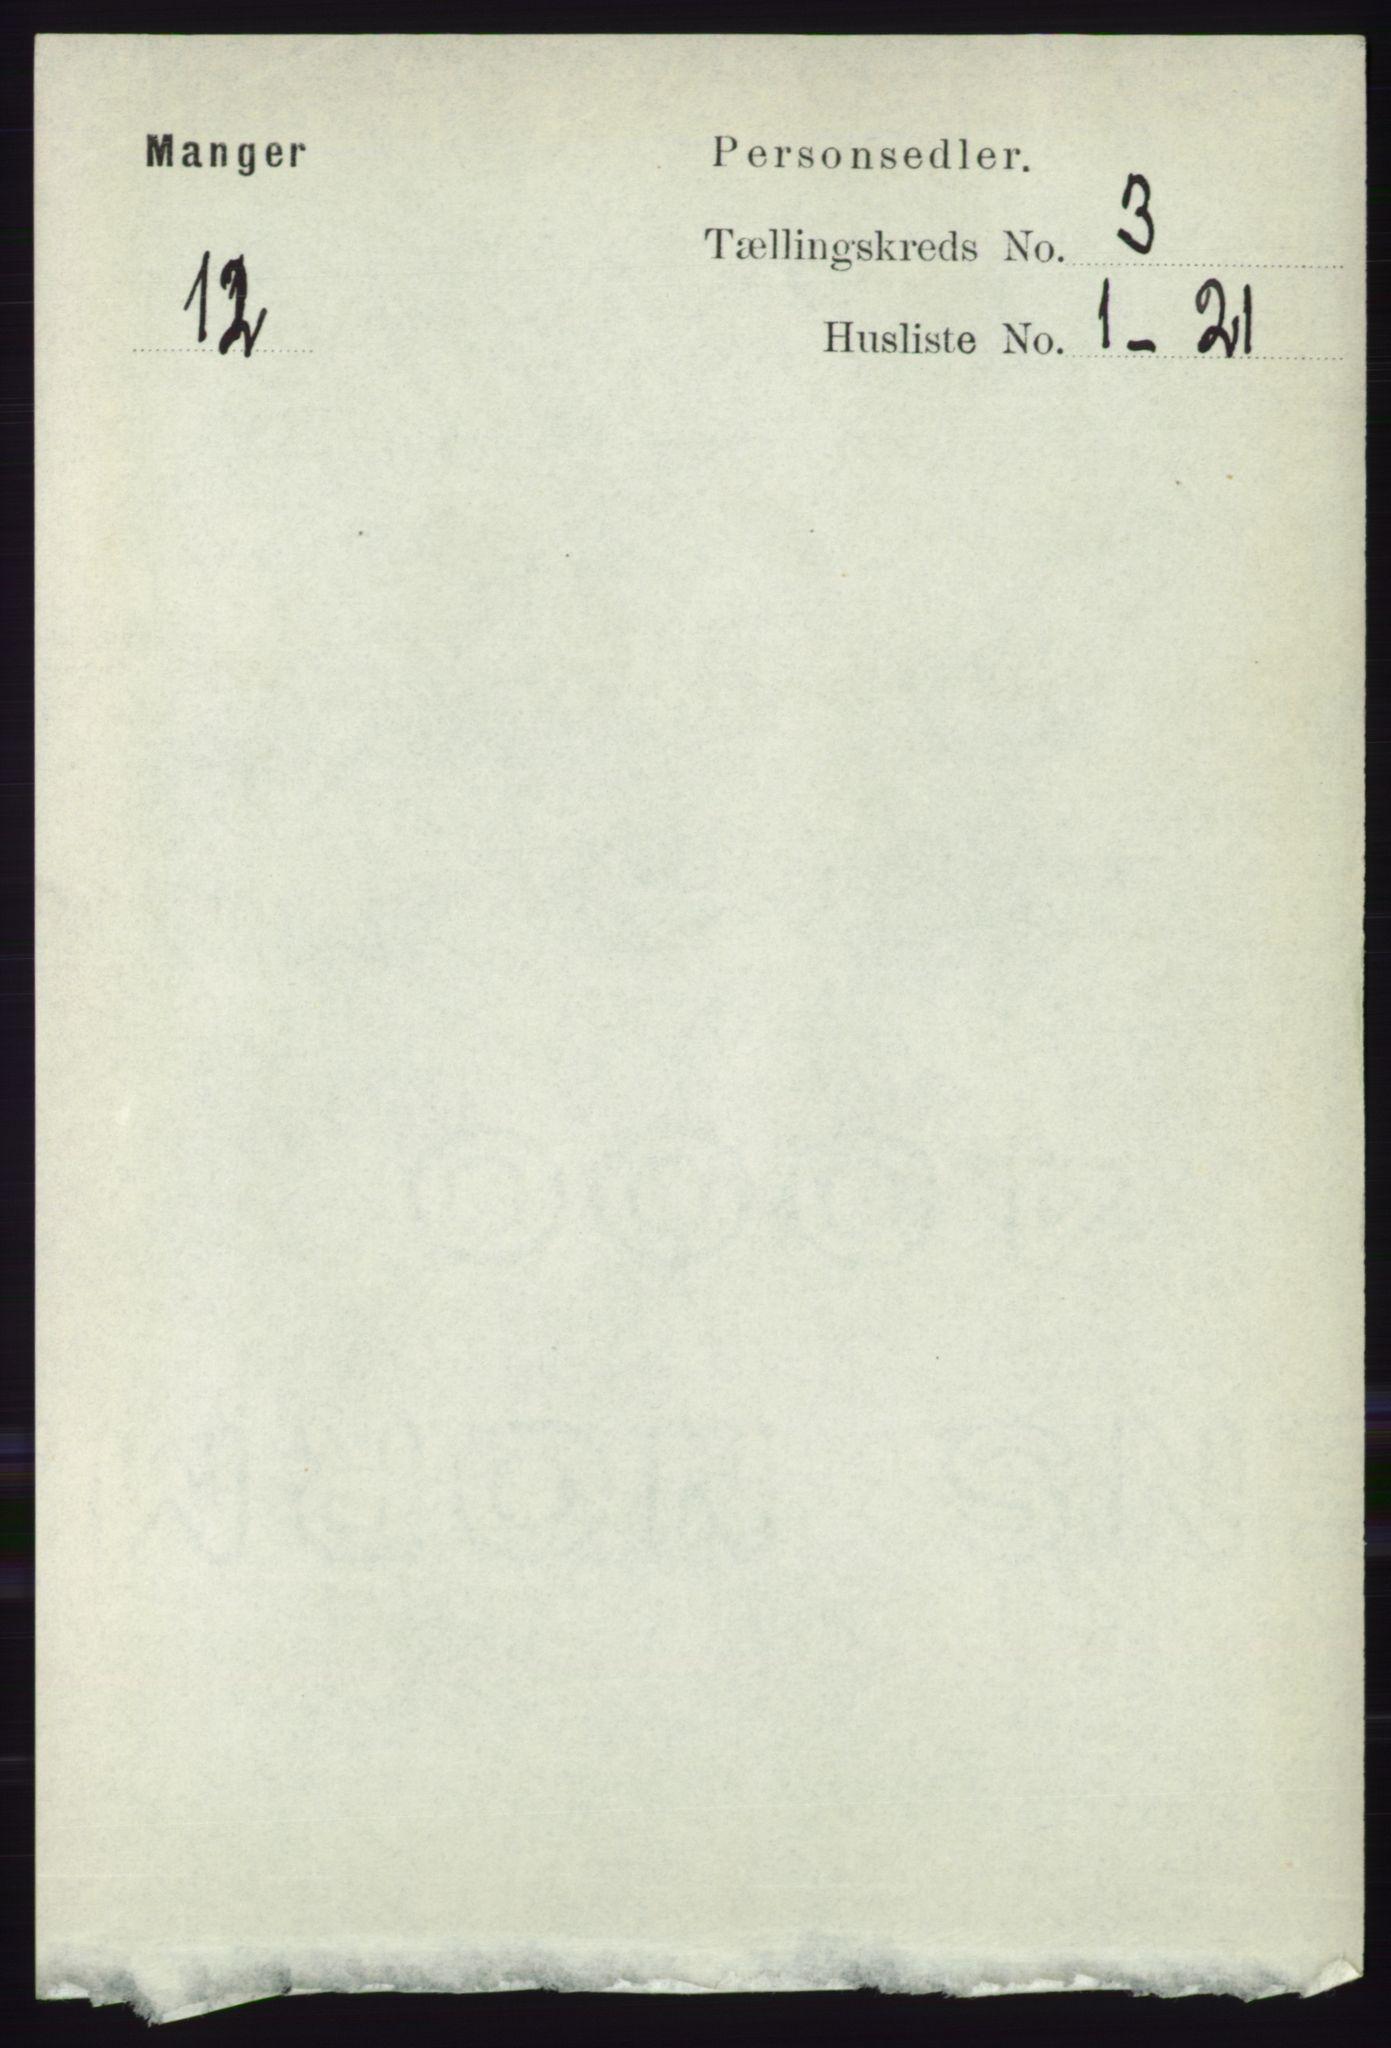 RA, Folketelling 1891 for 1261 Manger herred, 1891, s. 1407